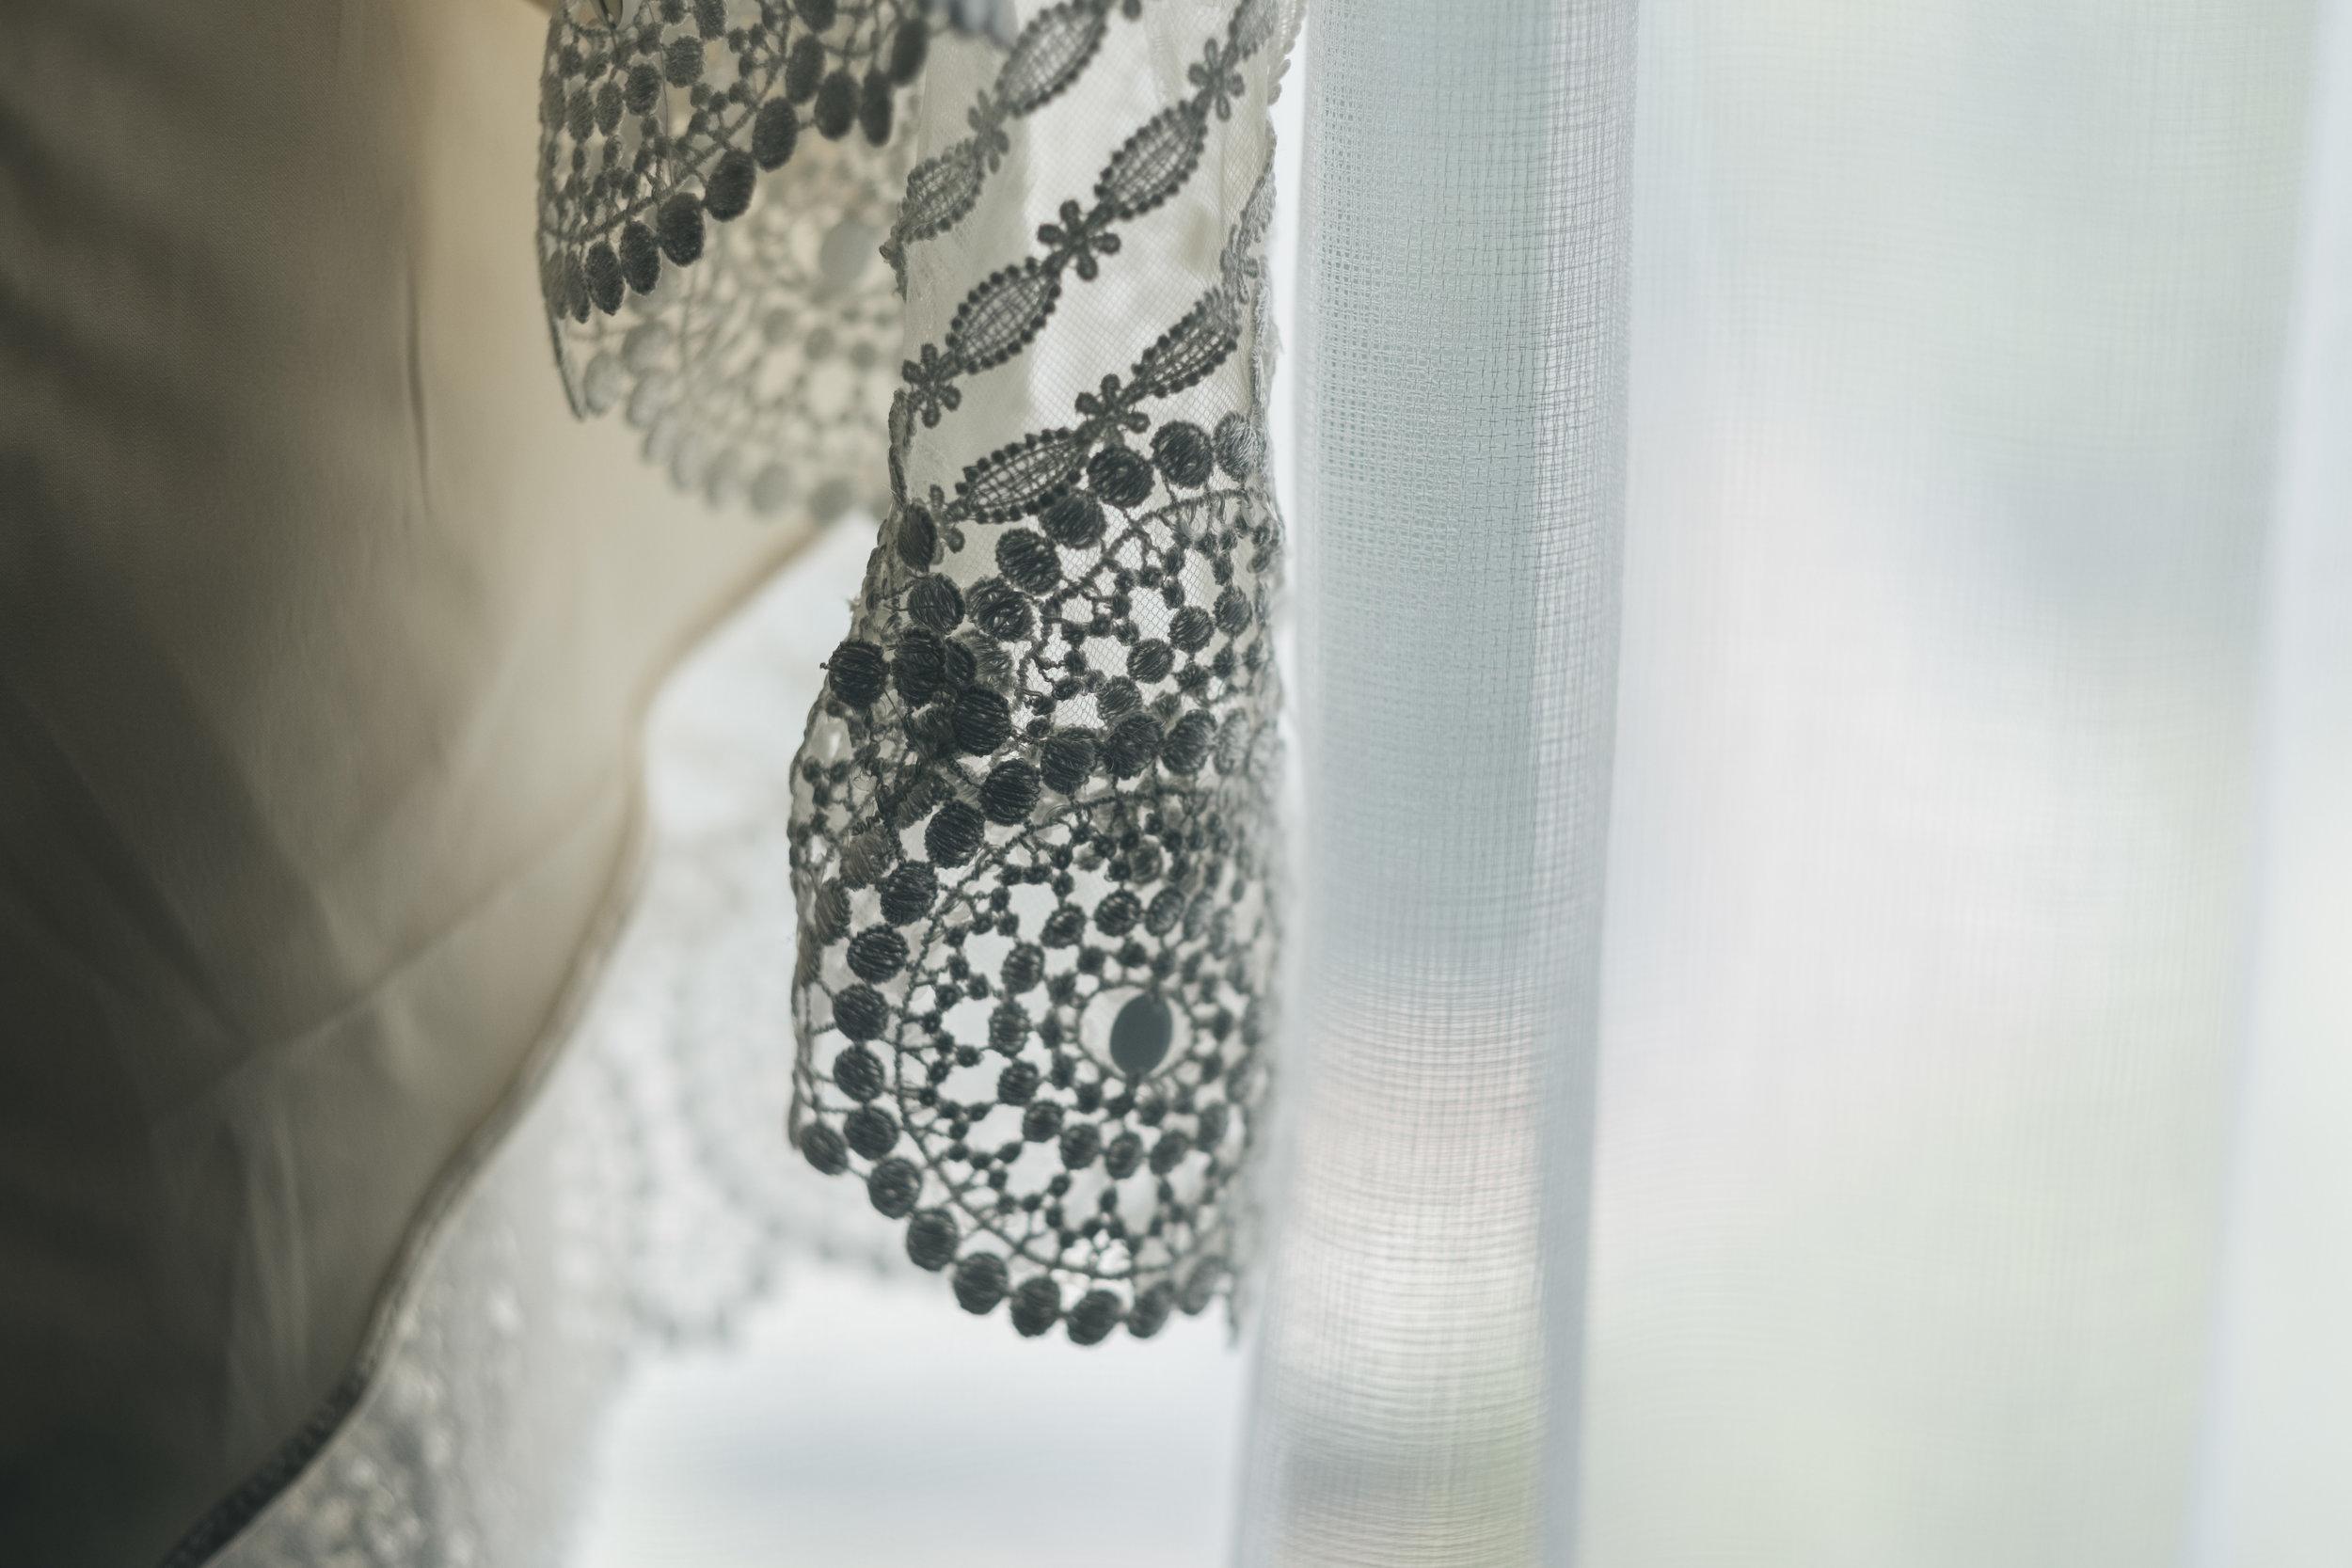 Lace Wedding Dress Inspiration in Toledo Ohio with Wedding Photographers